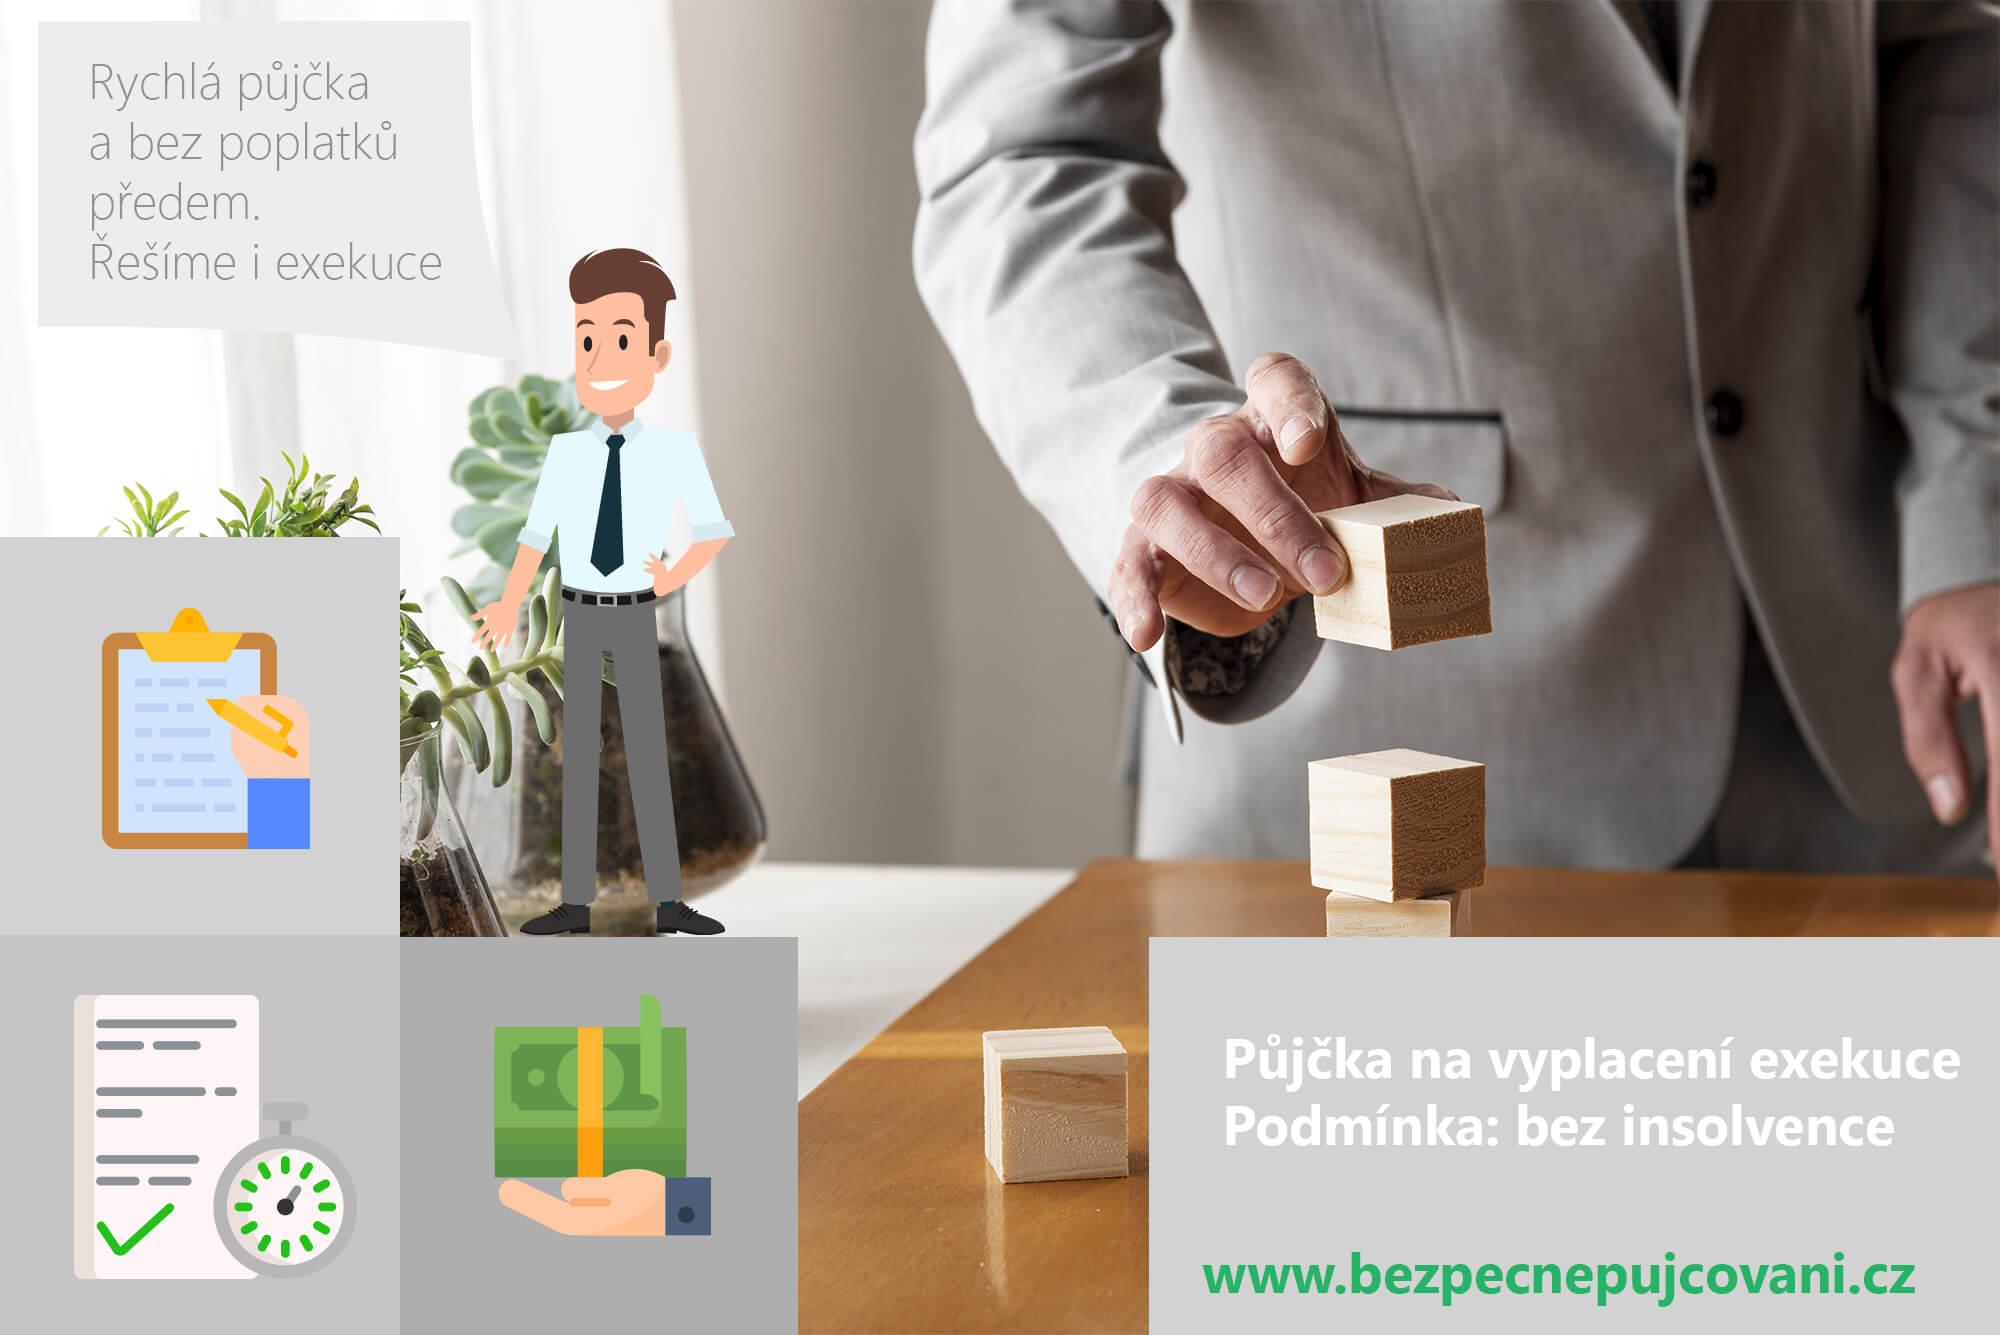 Nebankovní půjčka, rychlá půjčka, online půjčka